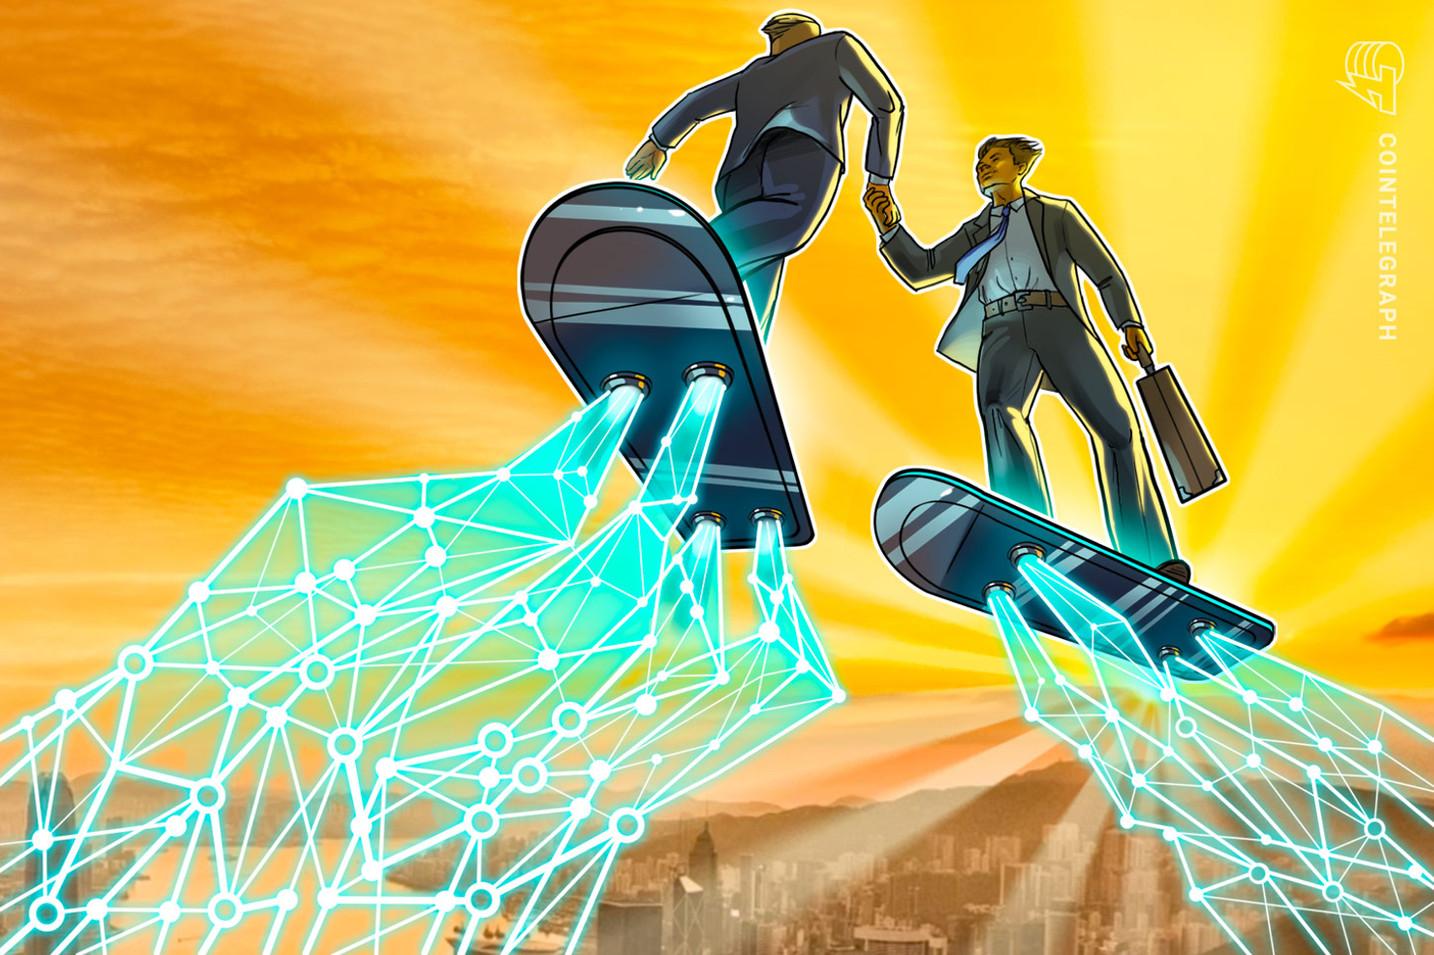 SBIとヤフー運営のZホールディングスが金融領域で提携 仮想通貨・ブロックチェーン分野は「避けて通れないものであれば」